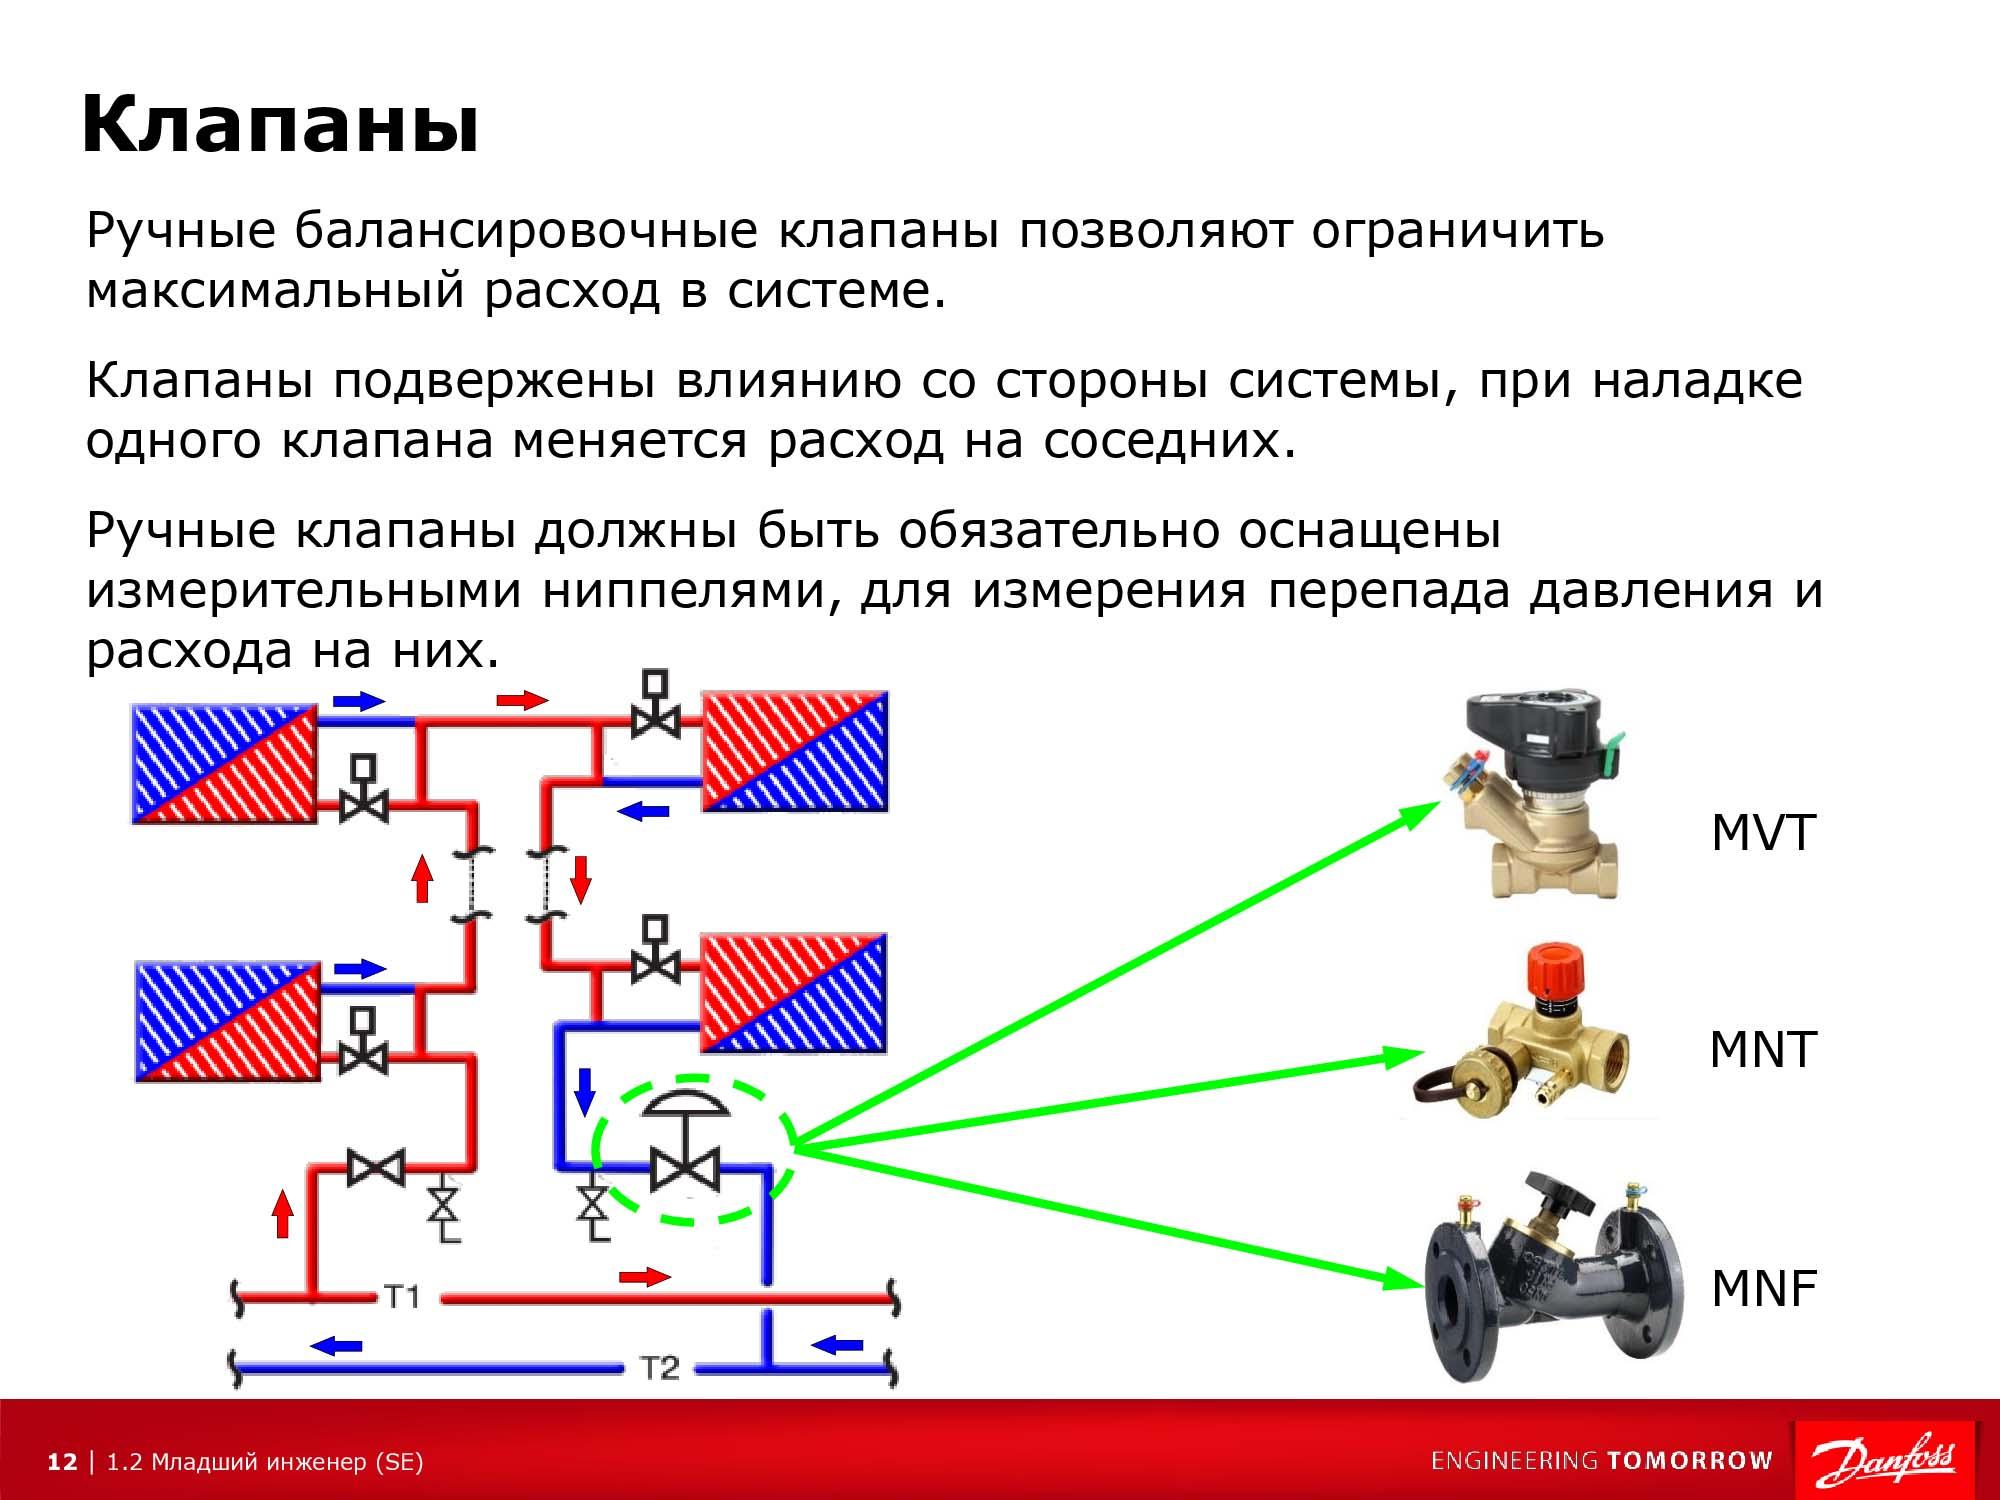 Балансировочный клапан для системы отопления: что это такое, принцип работы автоматических кранов, процесс установки